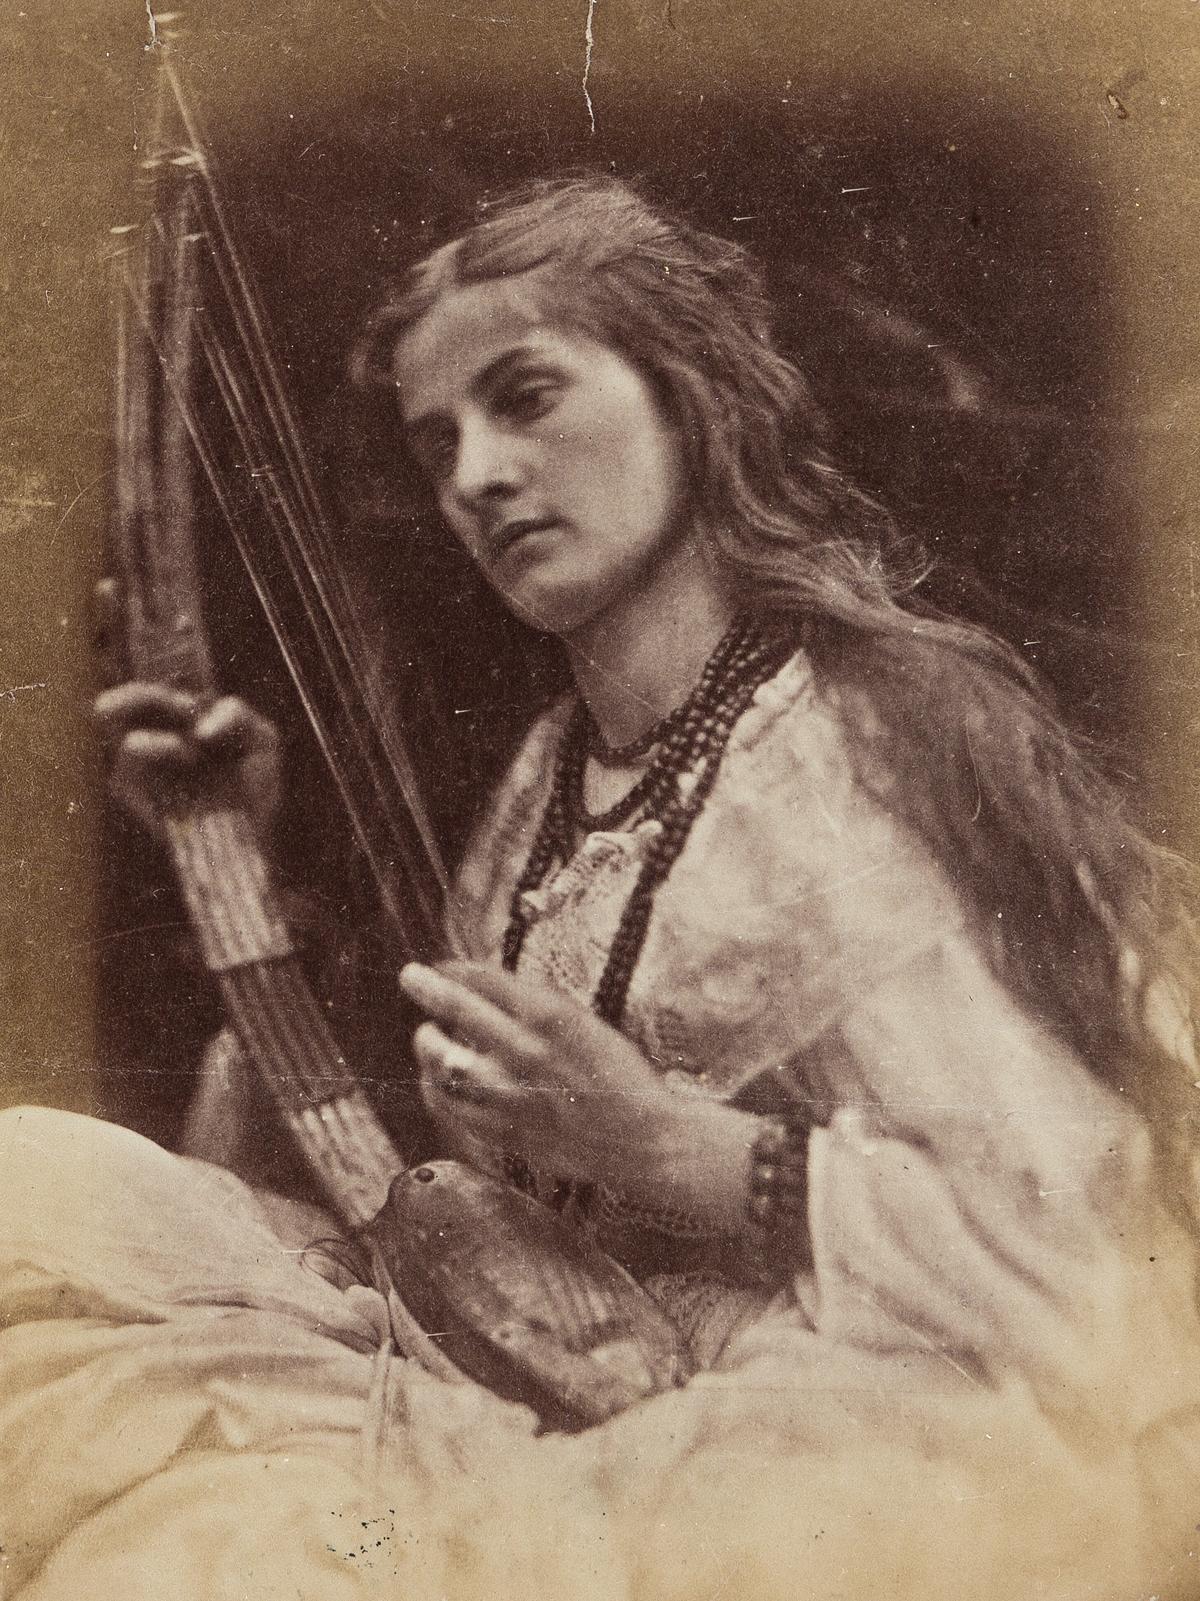 JULIA MARGARET CAMERON (1815-1879) A Study [O hark! O hear!].